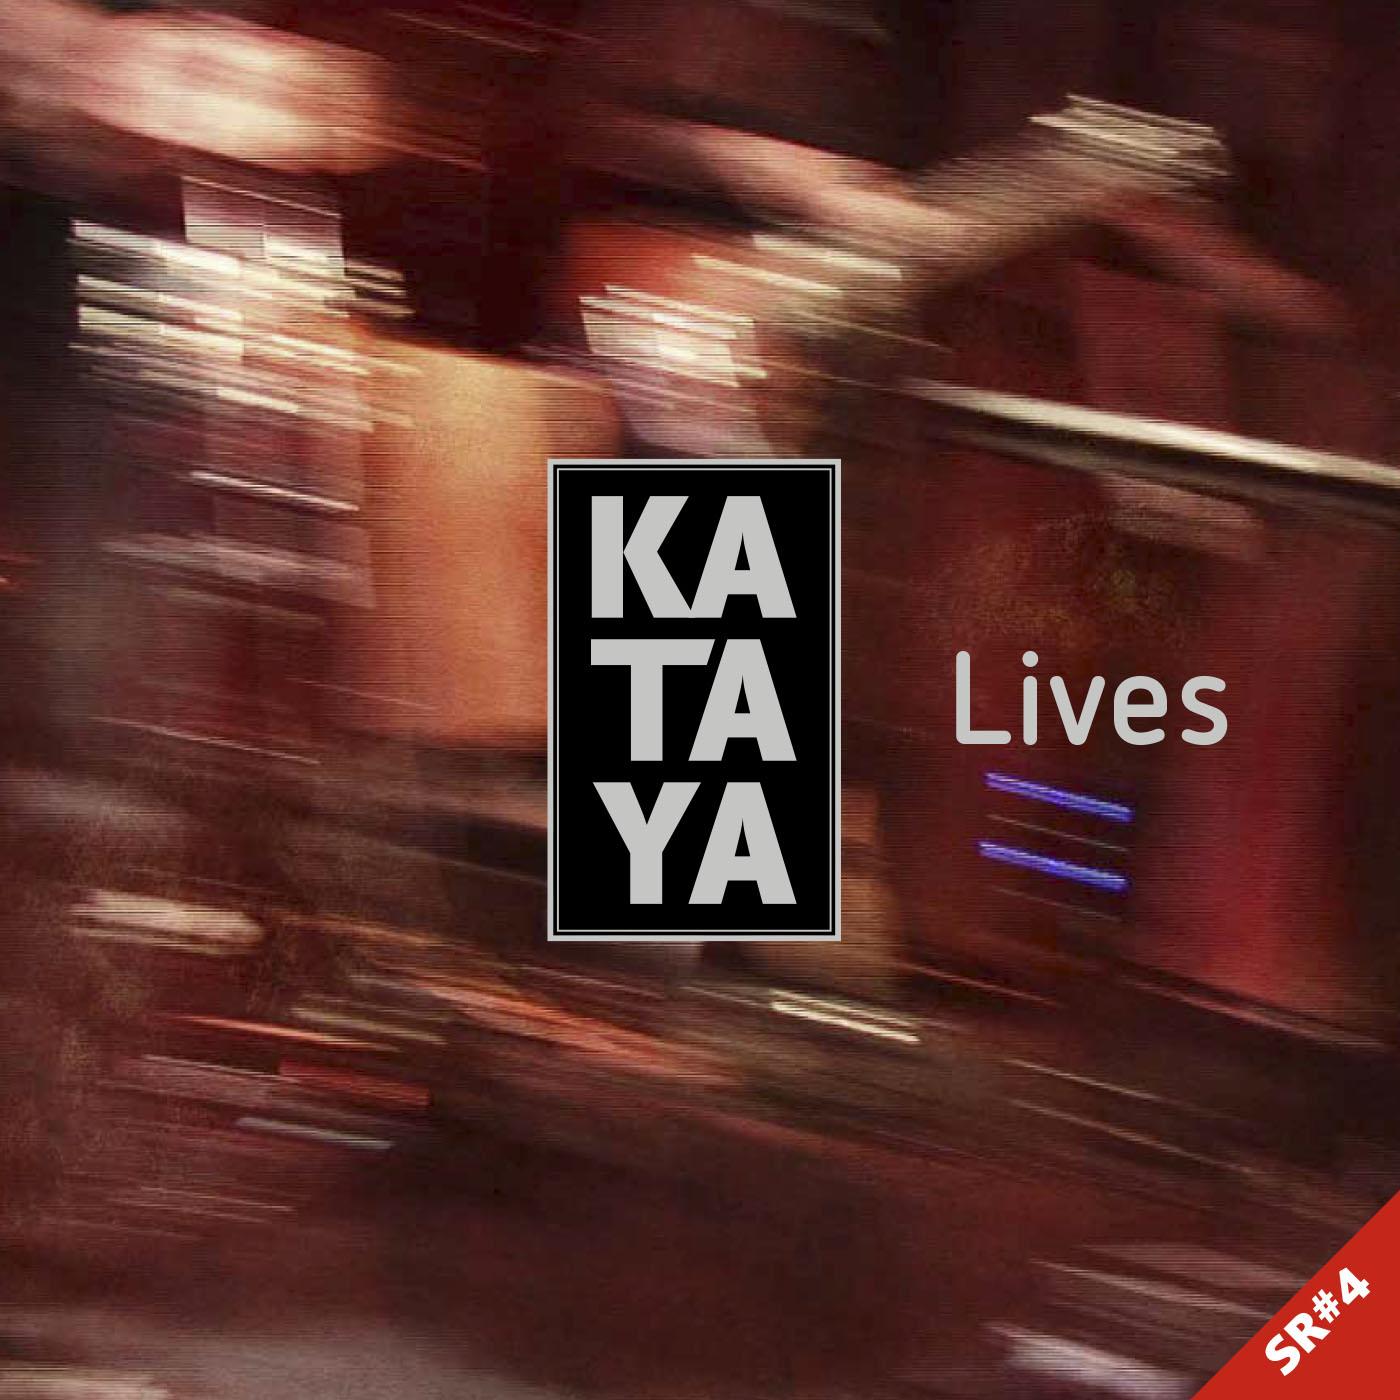 Kataja: Lives